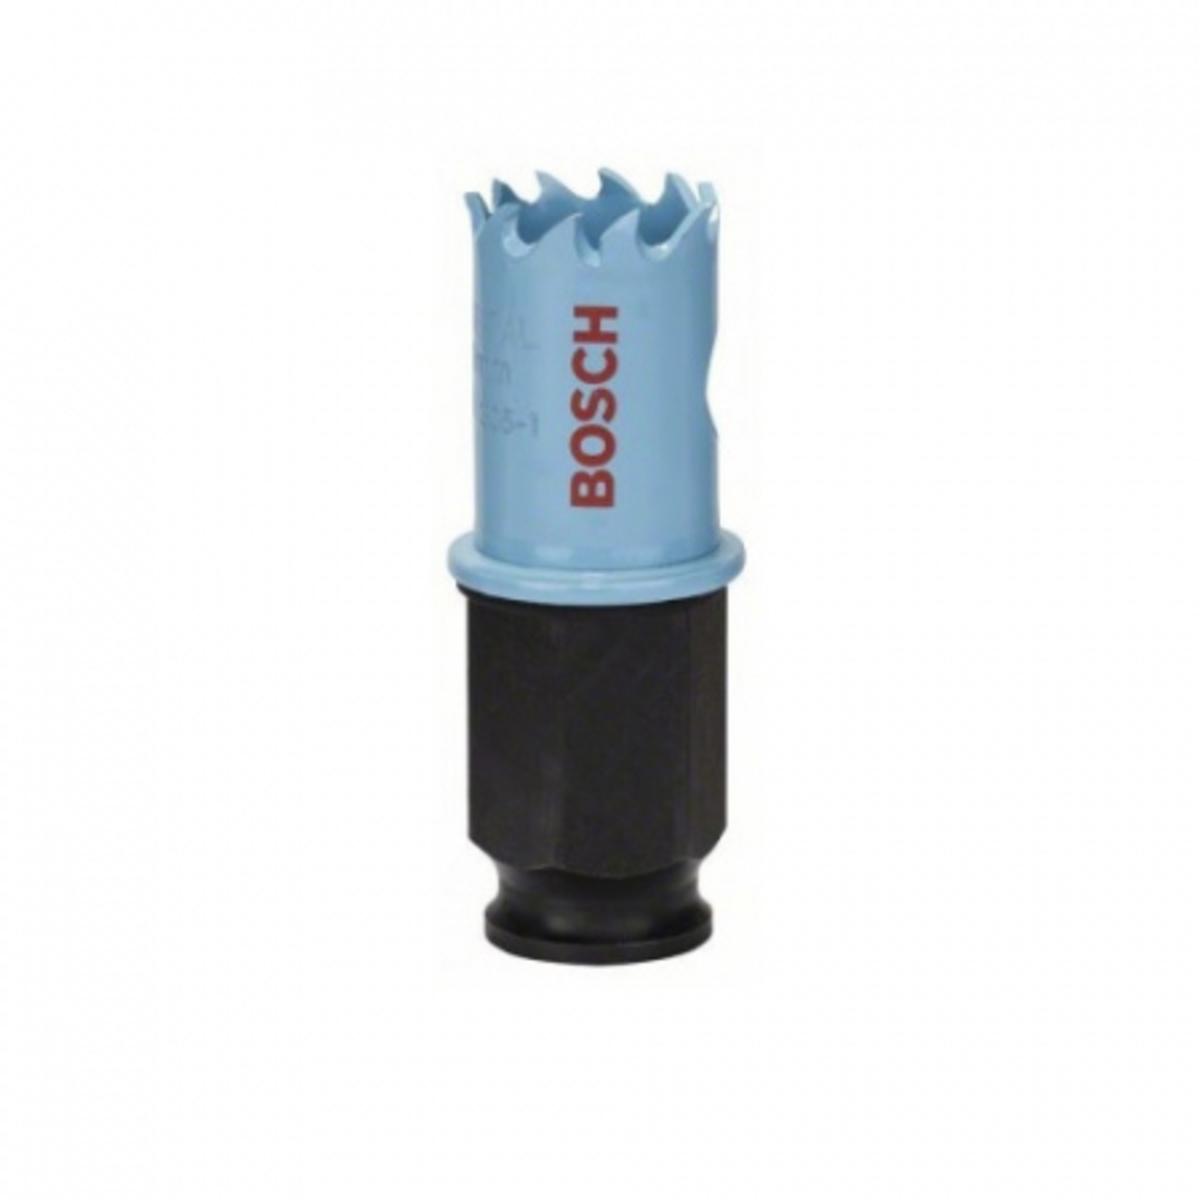 SERRA COPO SHEET METAL 38mm BOSCH